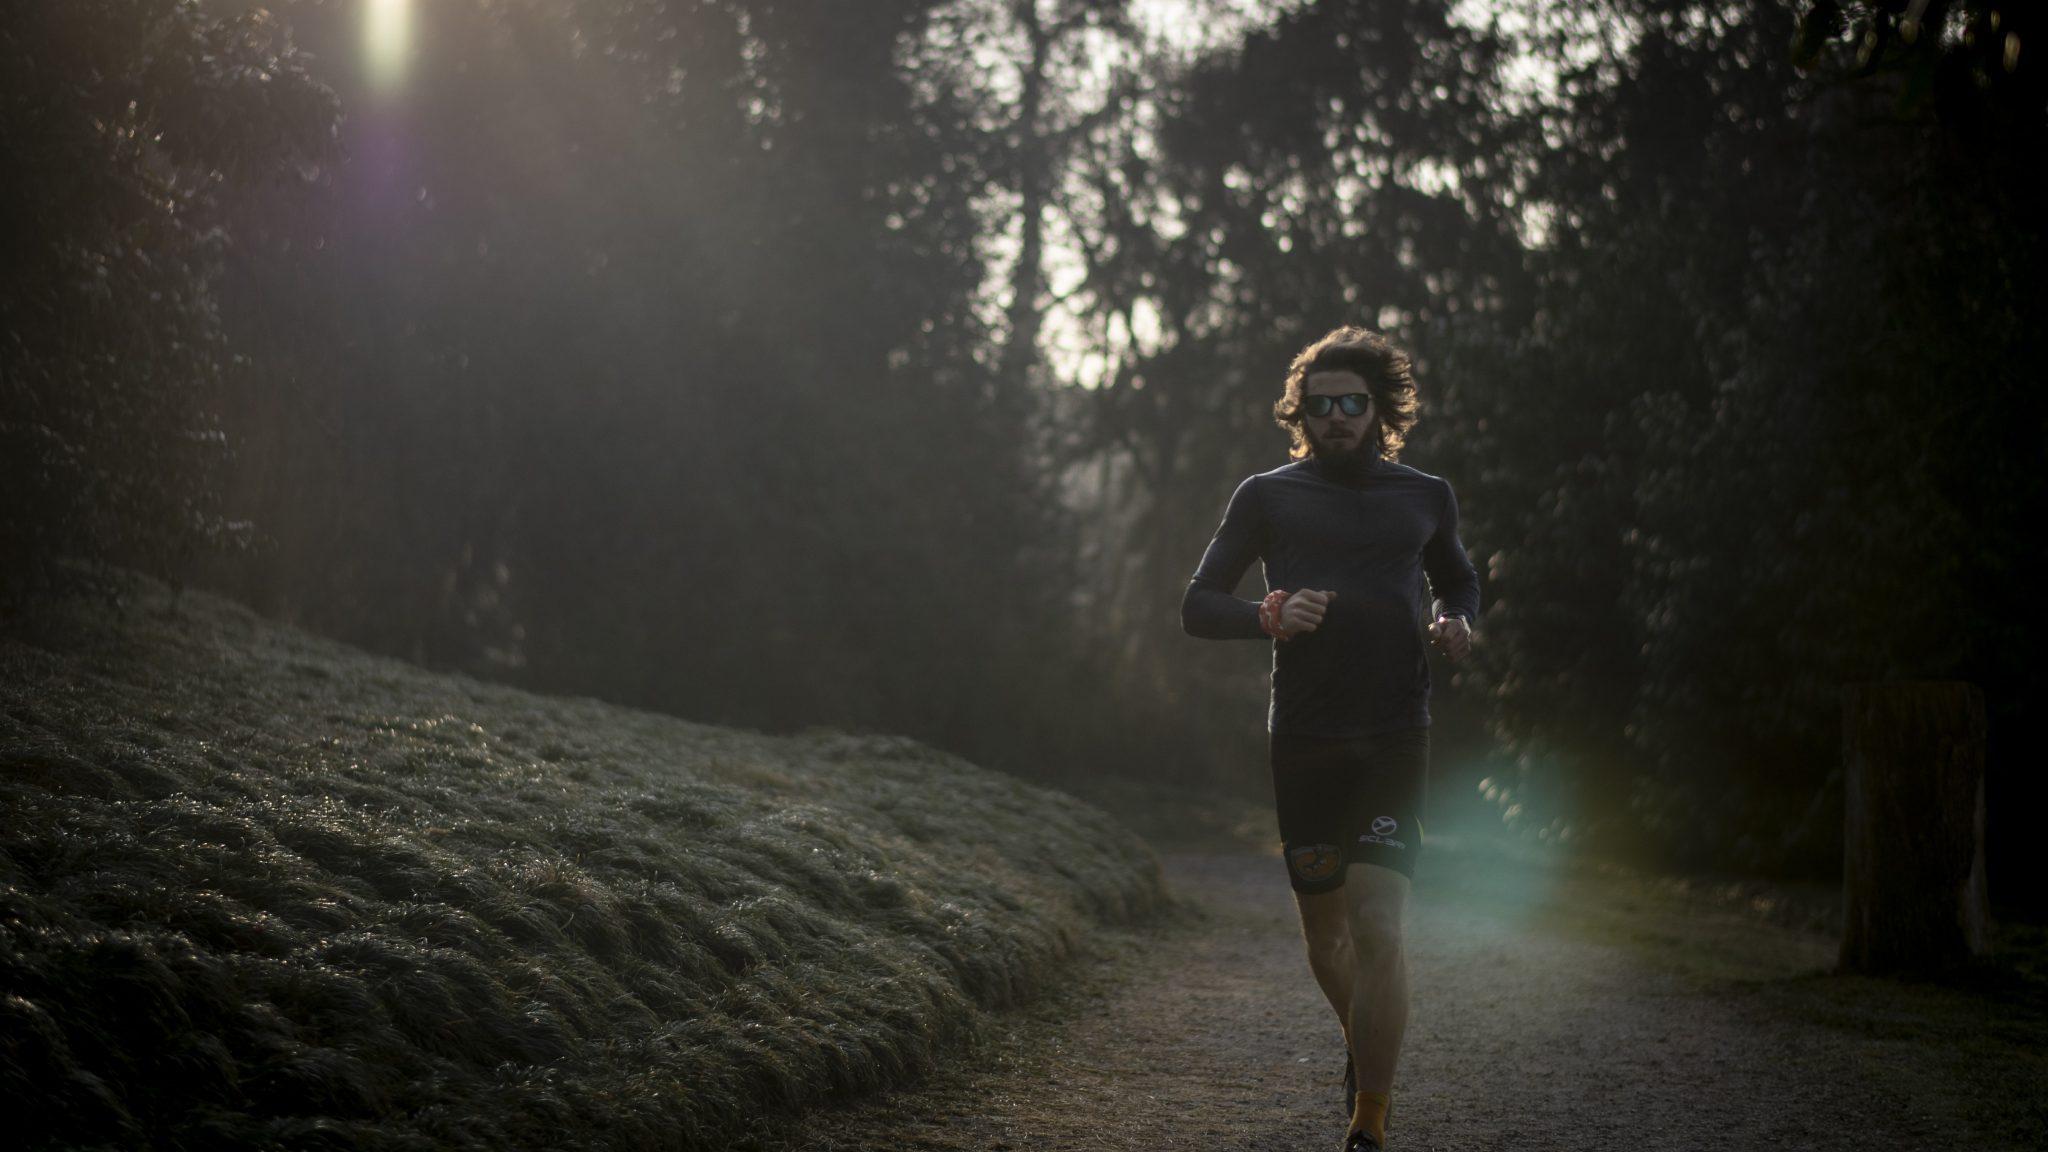 il corridore famoso mentre corre di mattina presto nella foresta